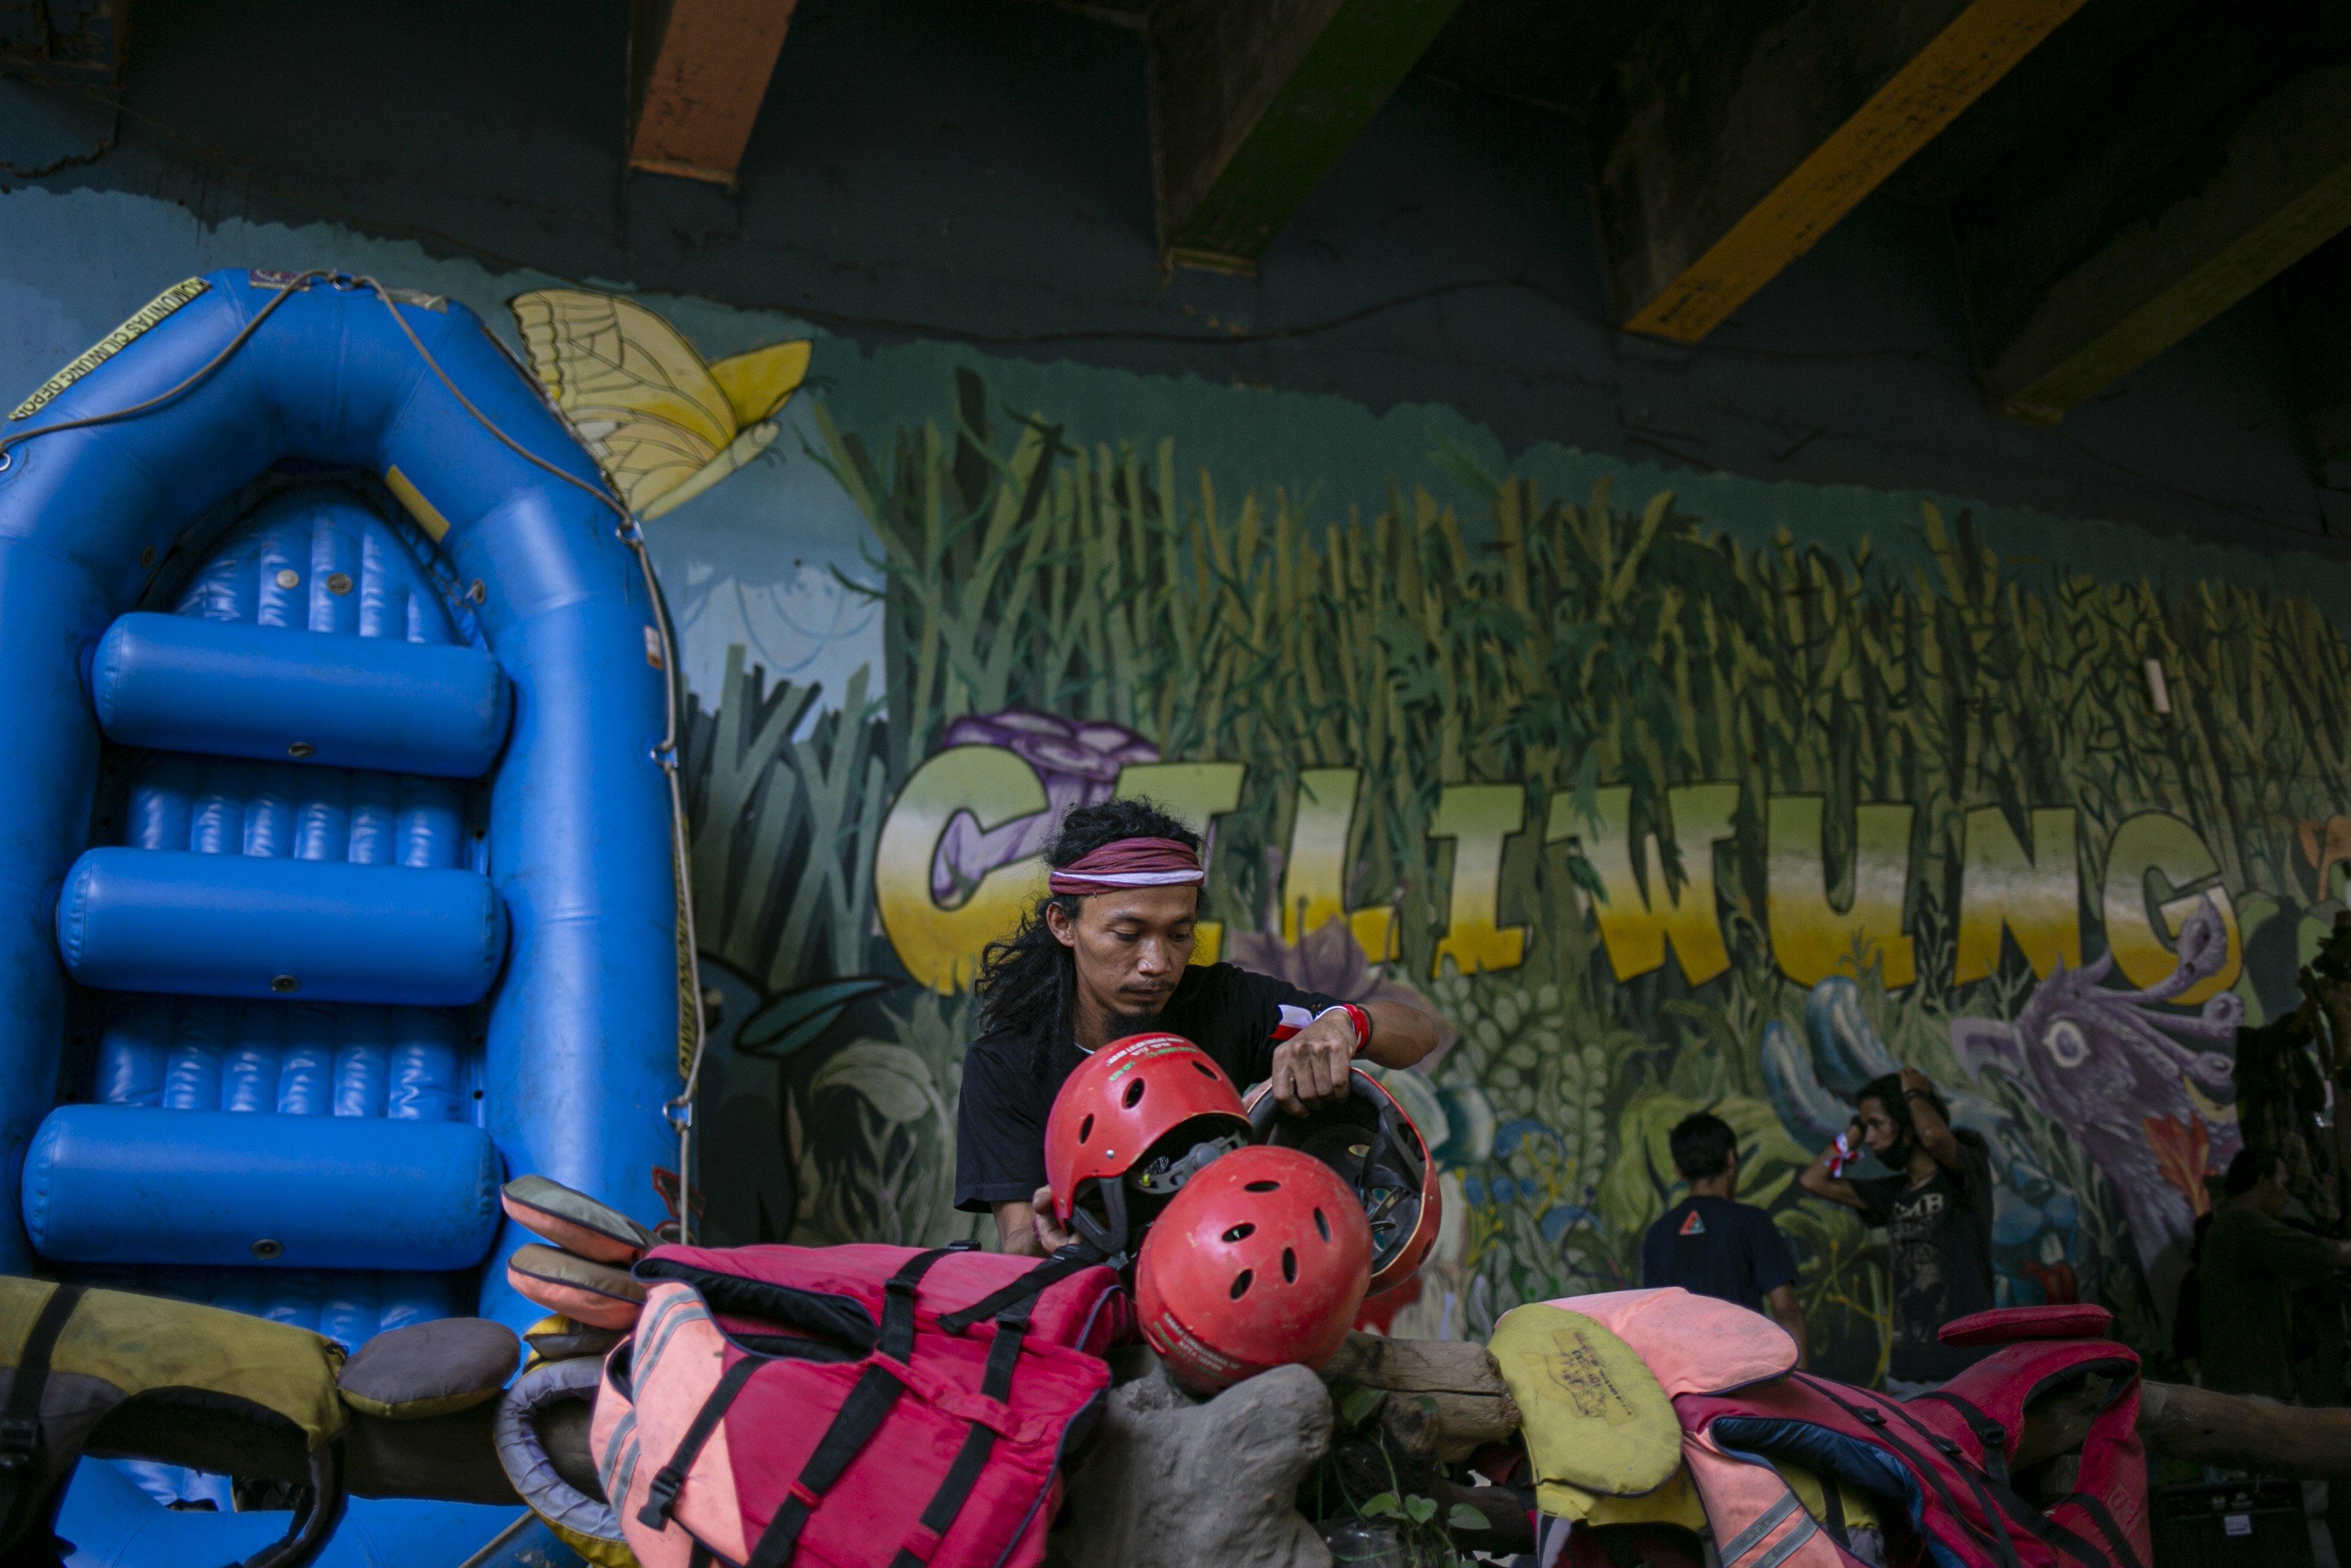 Sejumlah Anggota Komunitas Ciliwung Depok (KCD) bersiap melaksanakan rangakai upacara bendera dalam rangka memperingati HUT ke-75 Kemerdekaan Republik Indonesia di Sungai Ciliwung, GDC, Depok, Jawa Barat, Senin (17/8/2020). Pengibaran bendera yang dilakukan di tengah Sungai Ciliwung tersebut merupakan agenda tahunan yang bertujuan agar pemerintah serta masyarakat lebih memperhatikan dan menjaga kondisi Sungai Ciliwung.